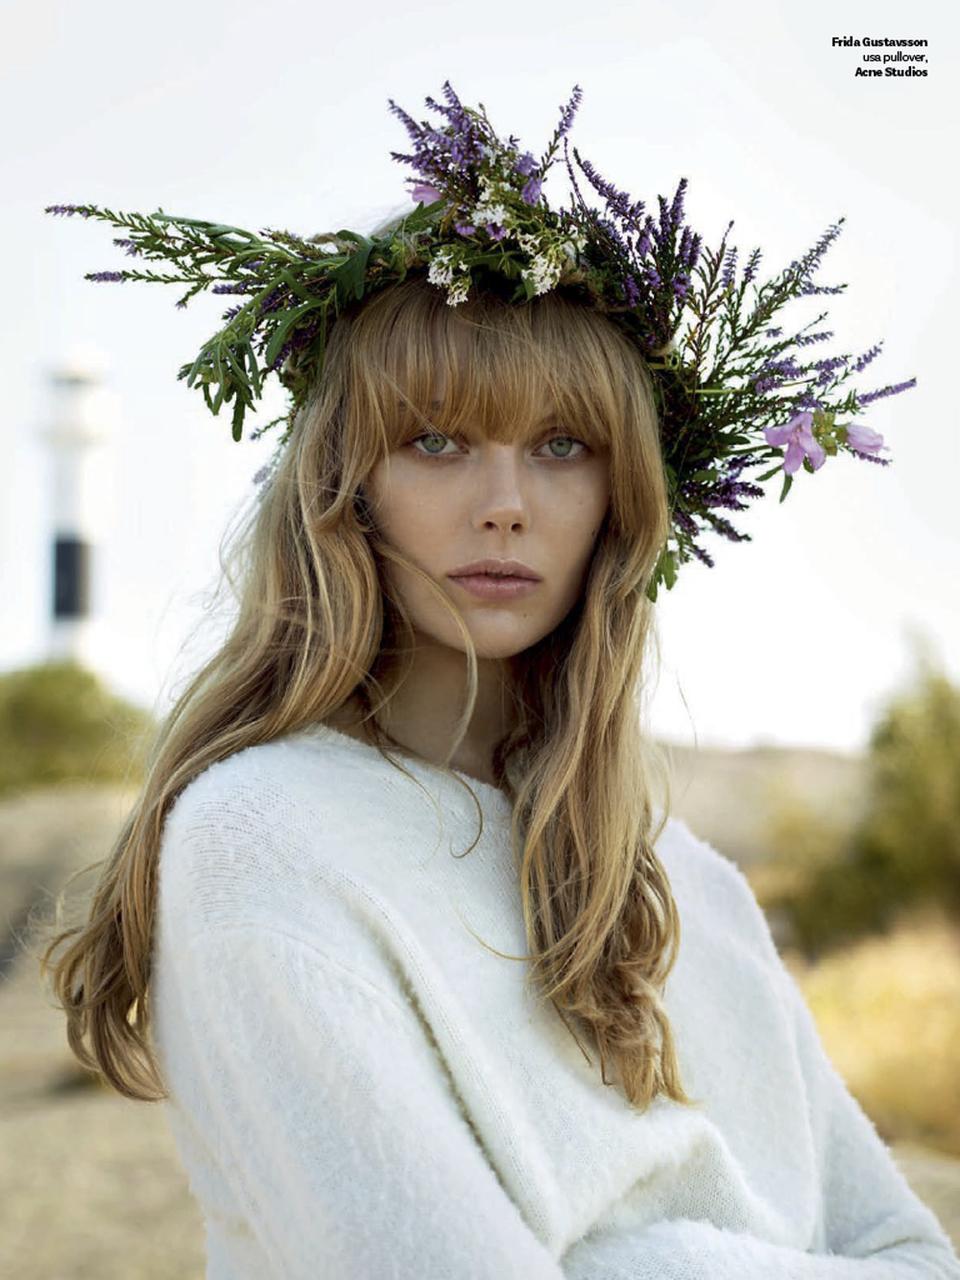 Frida Gustavsson - midsummer